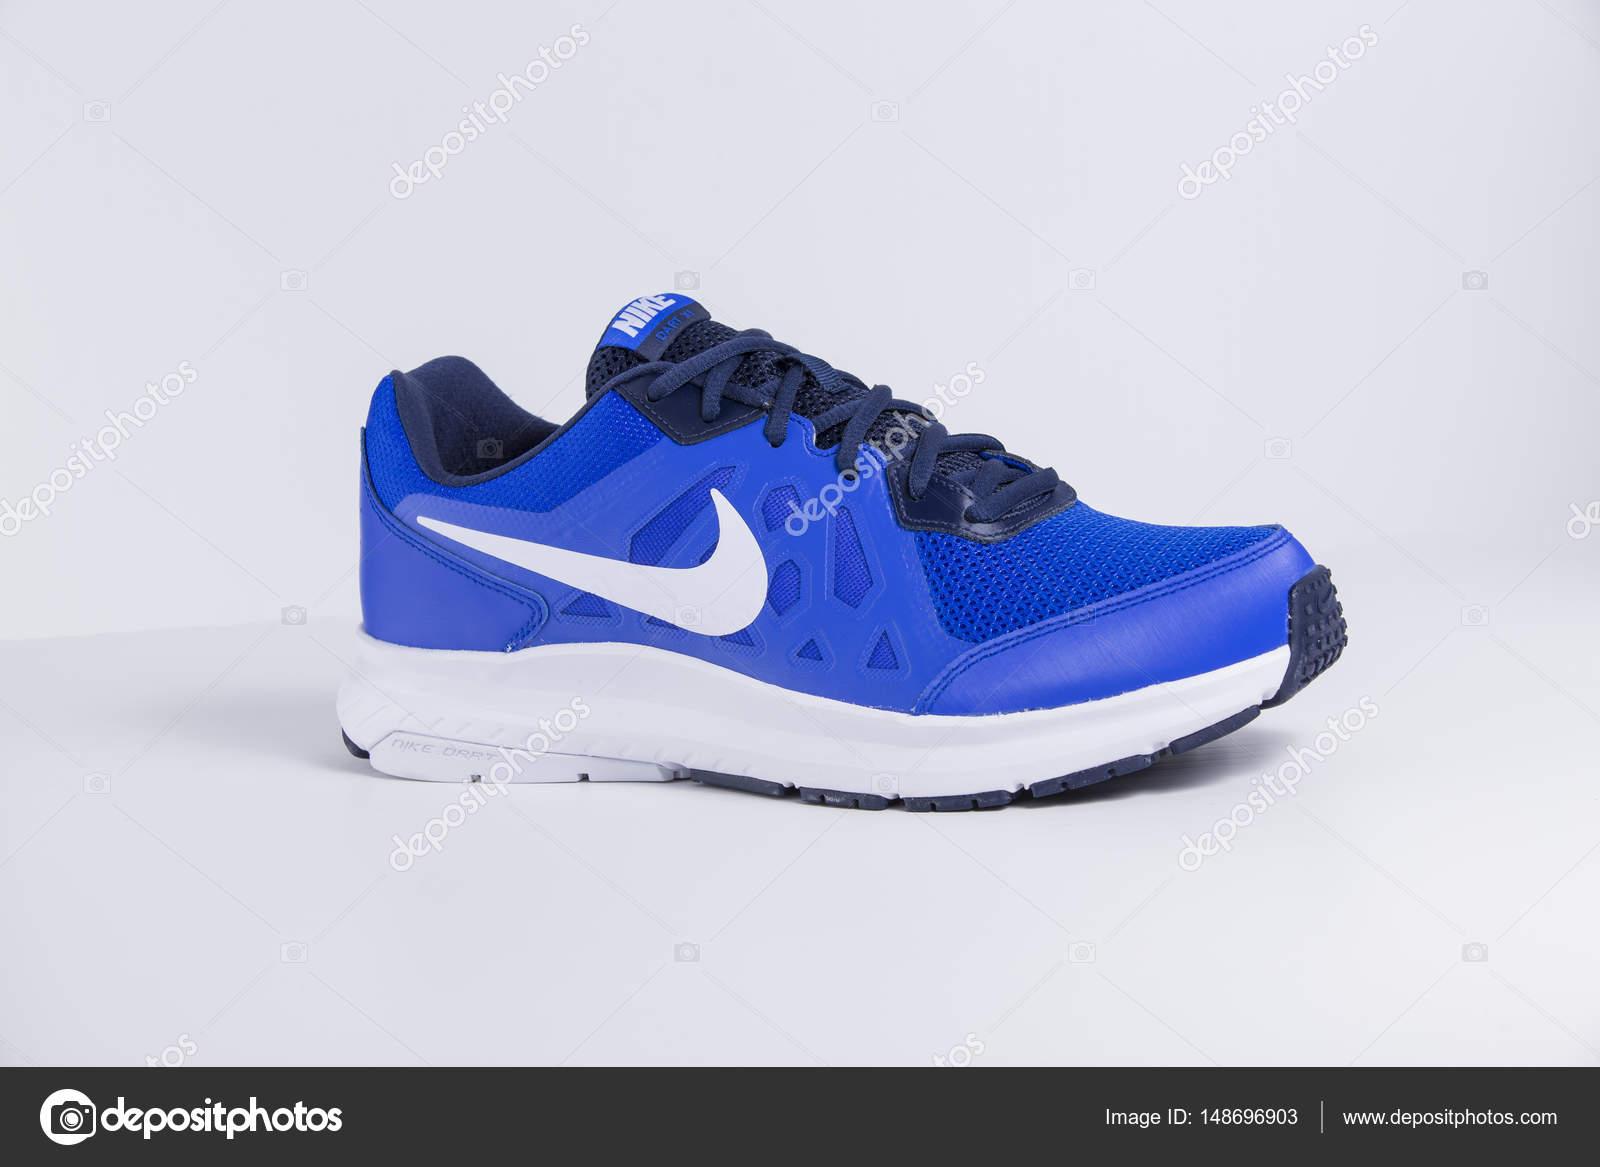 Afife, Portogallo - 31 marzo 2017: Nike calcio scarpe da ginnastica. Nike,  azienda multinazionale. Isolato su bianco. Colpi di prodotto — Foto di ...